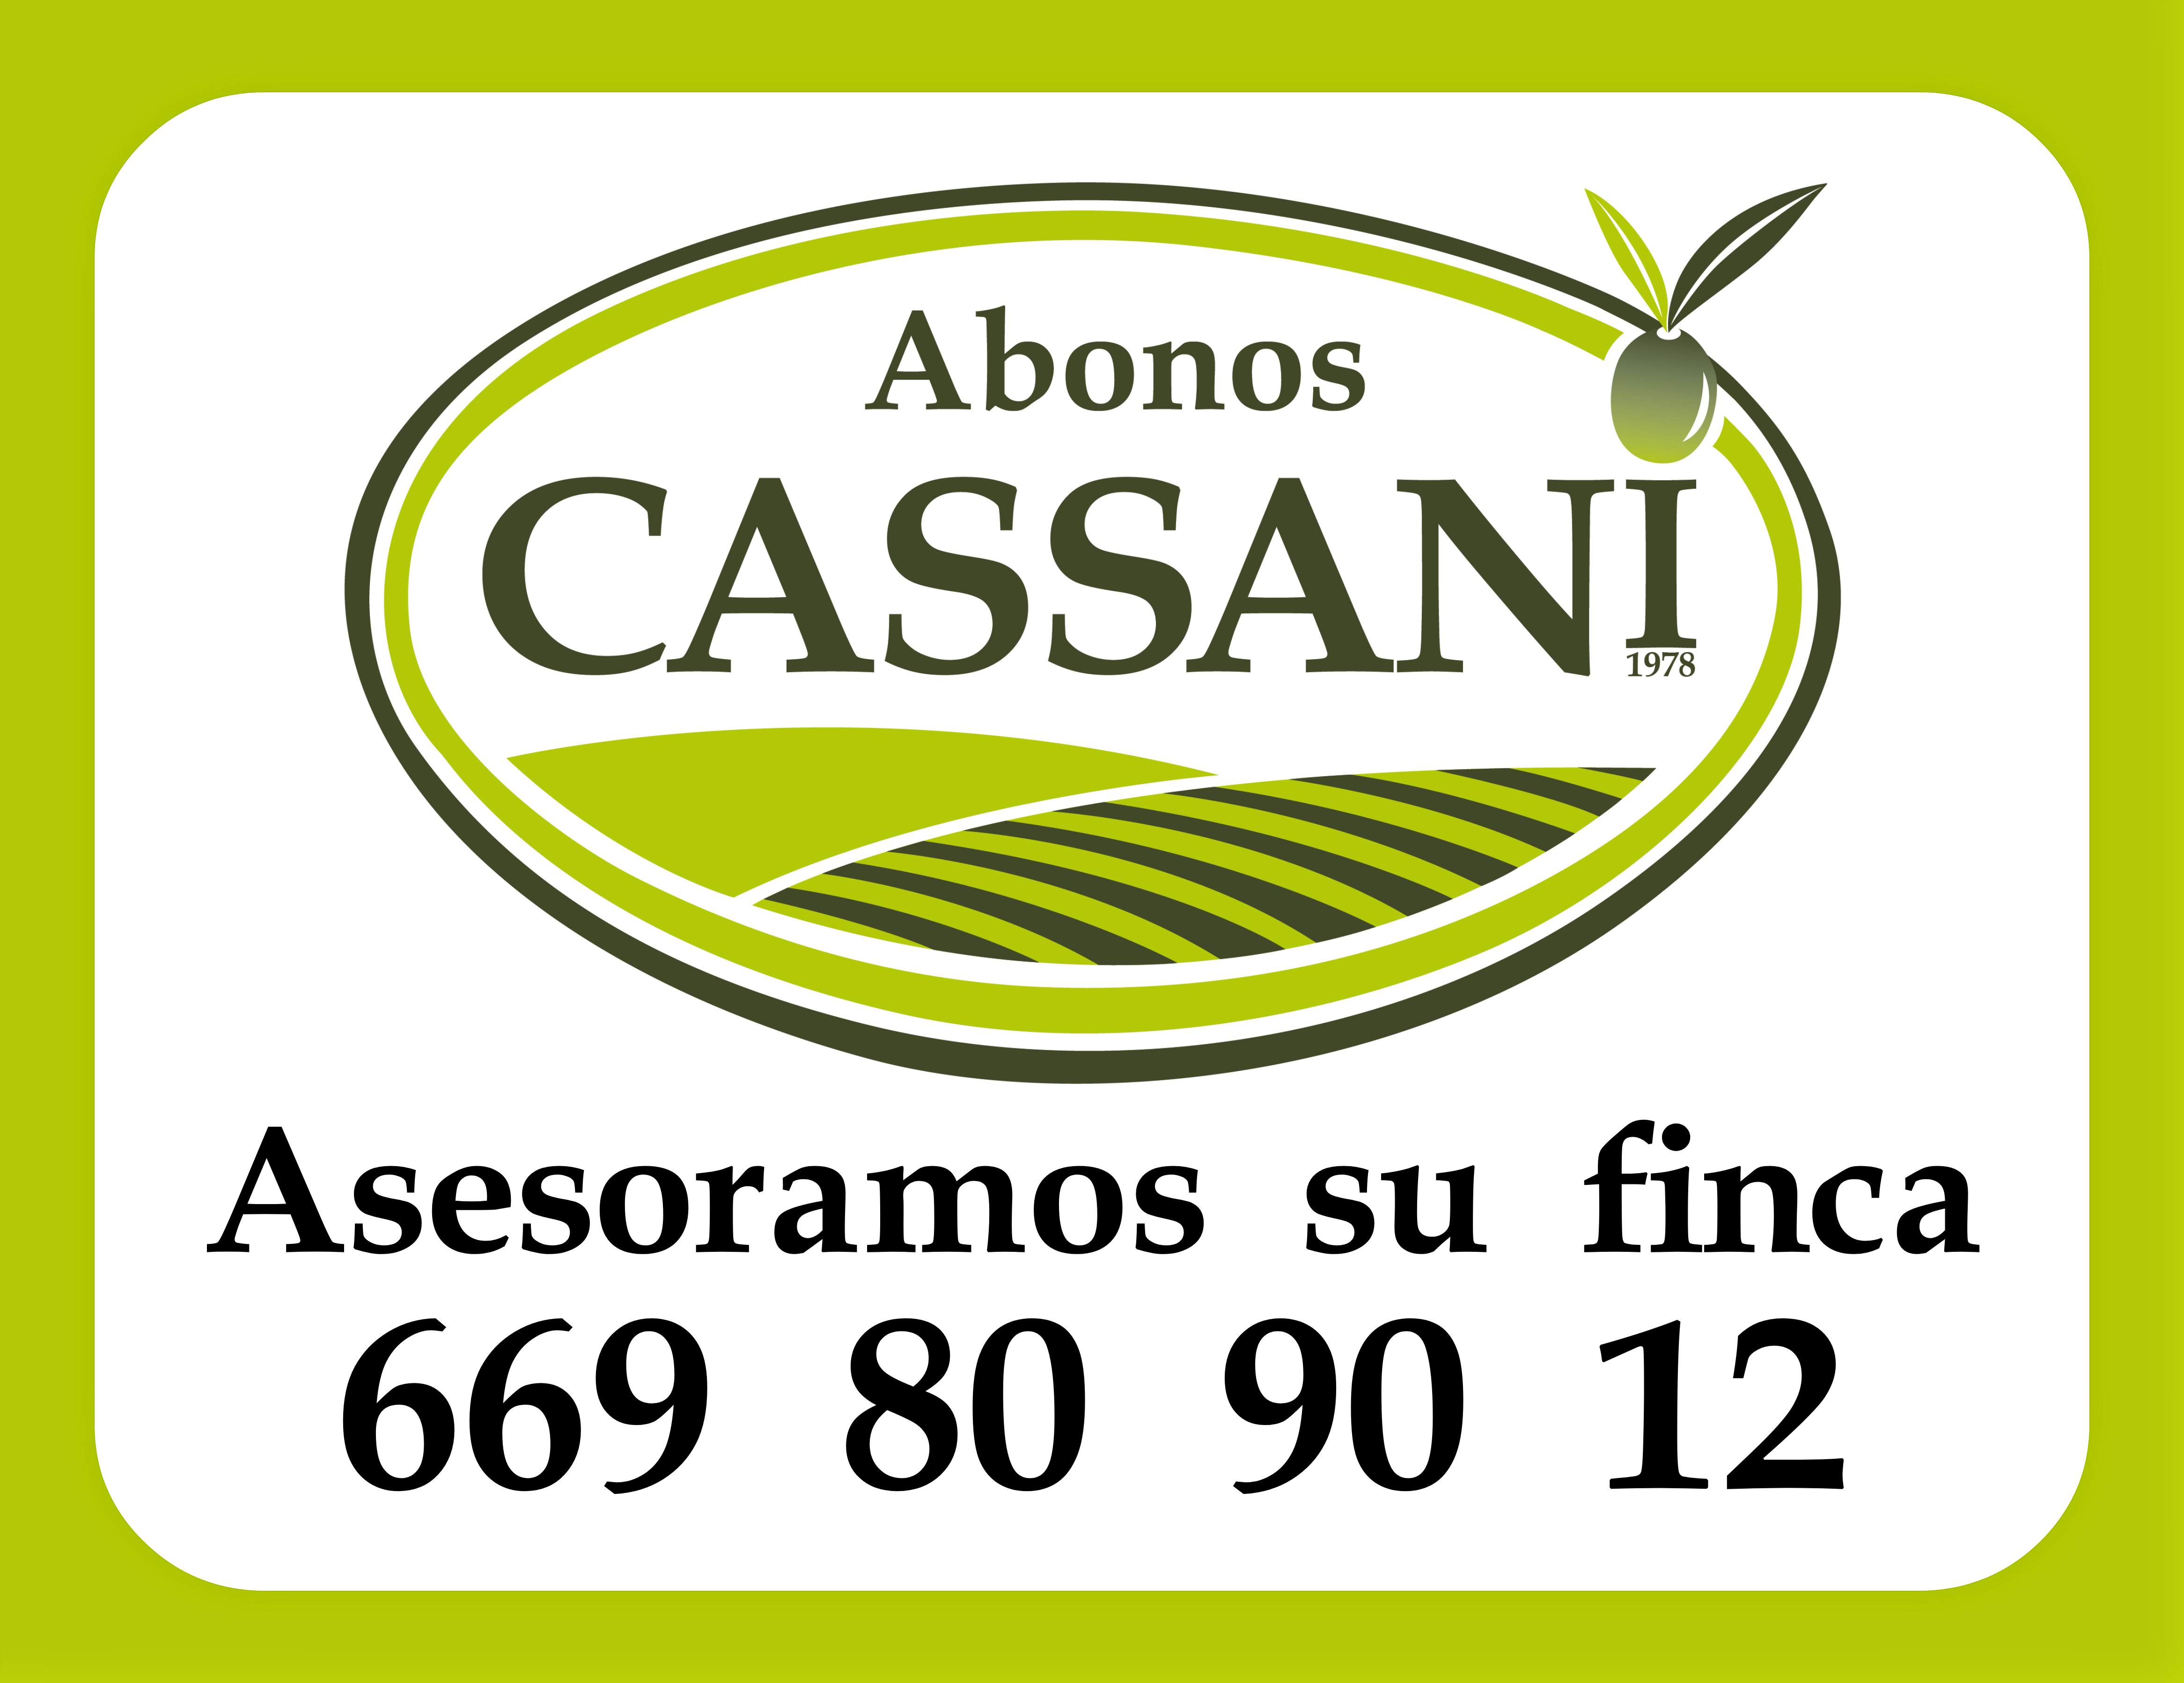 Abonos Cassani